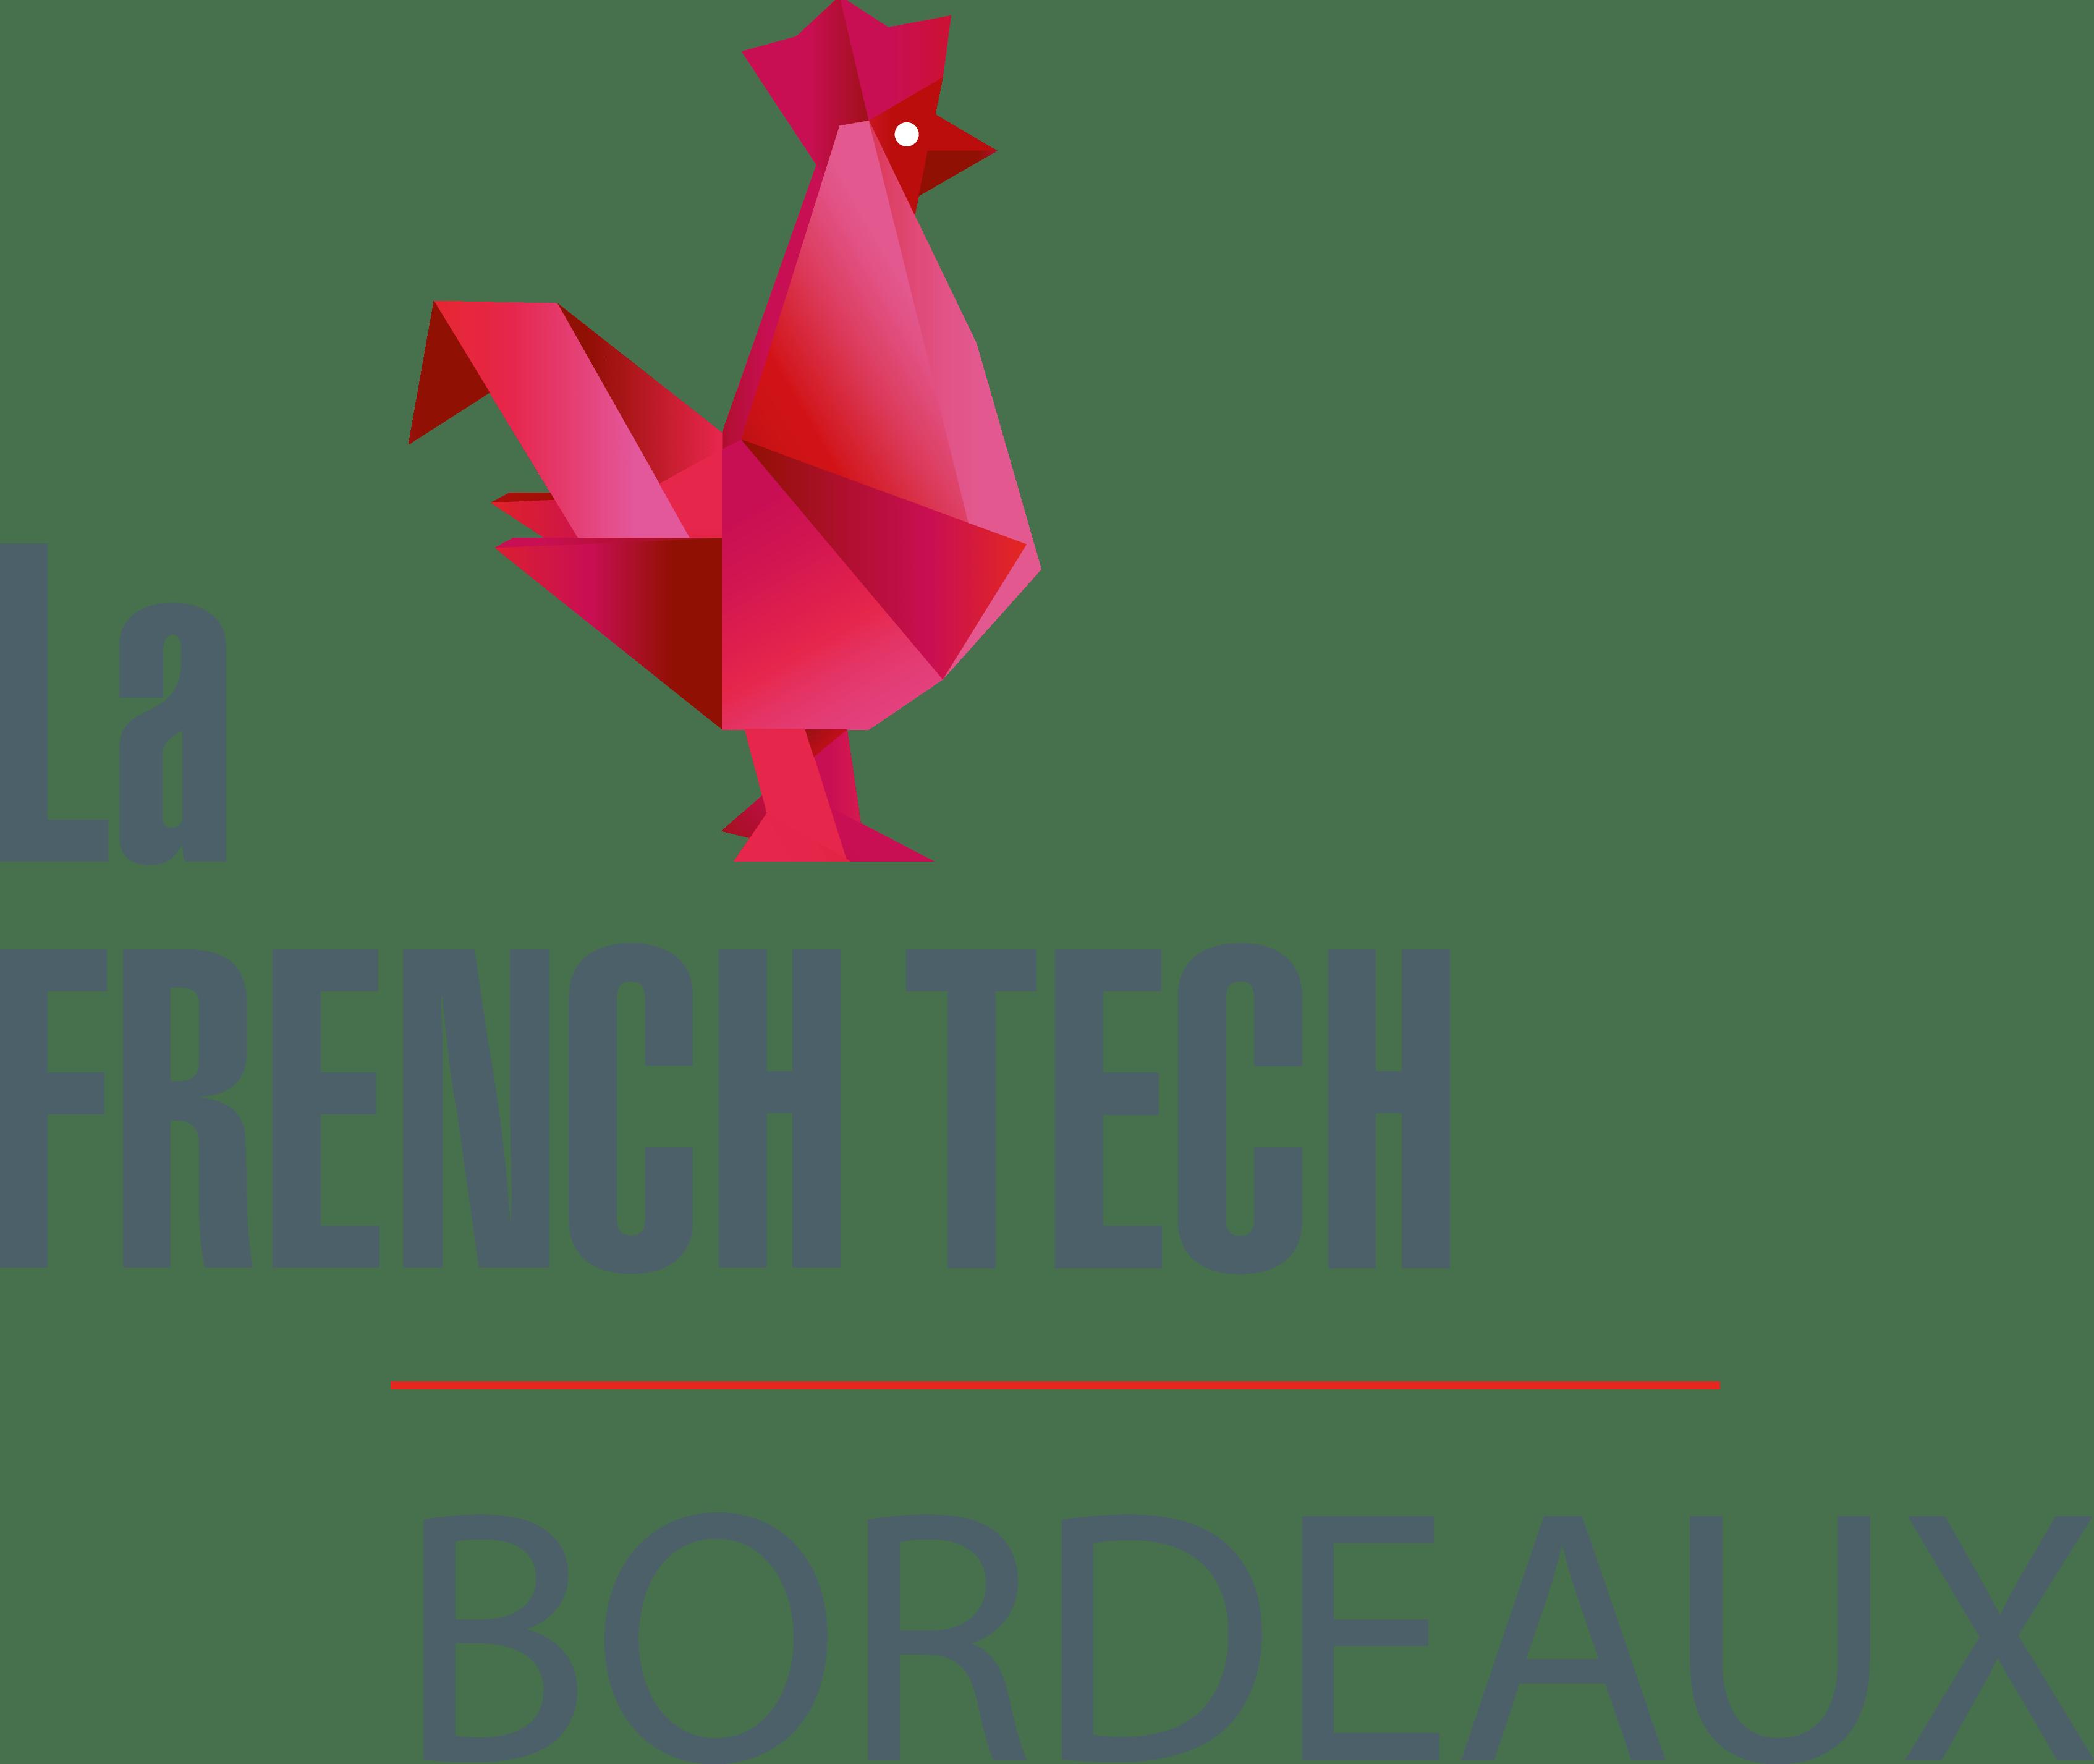 Logo french tech Bordeaux